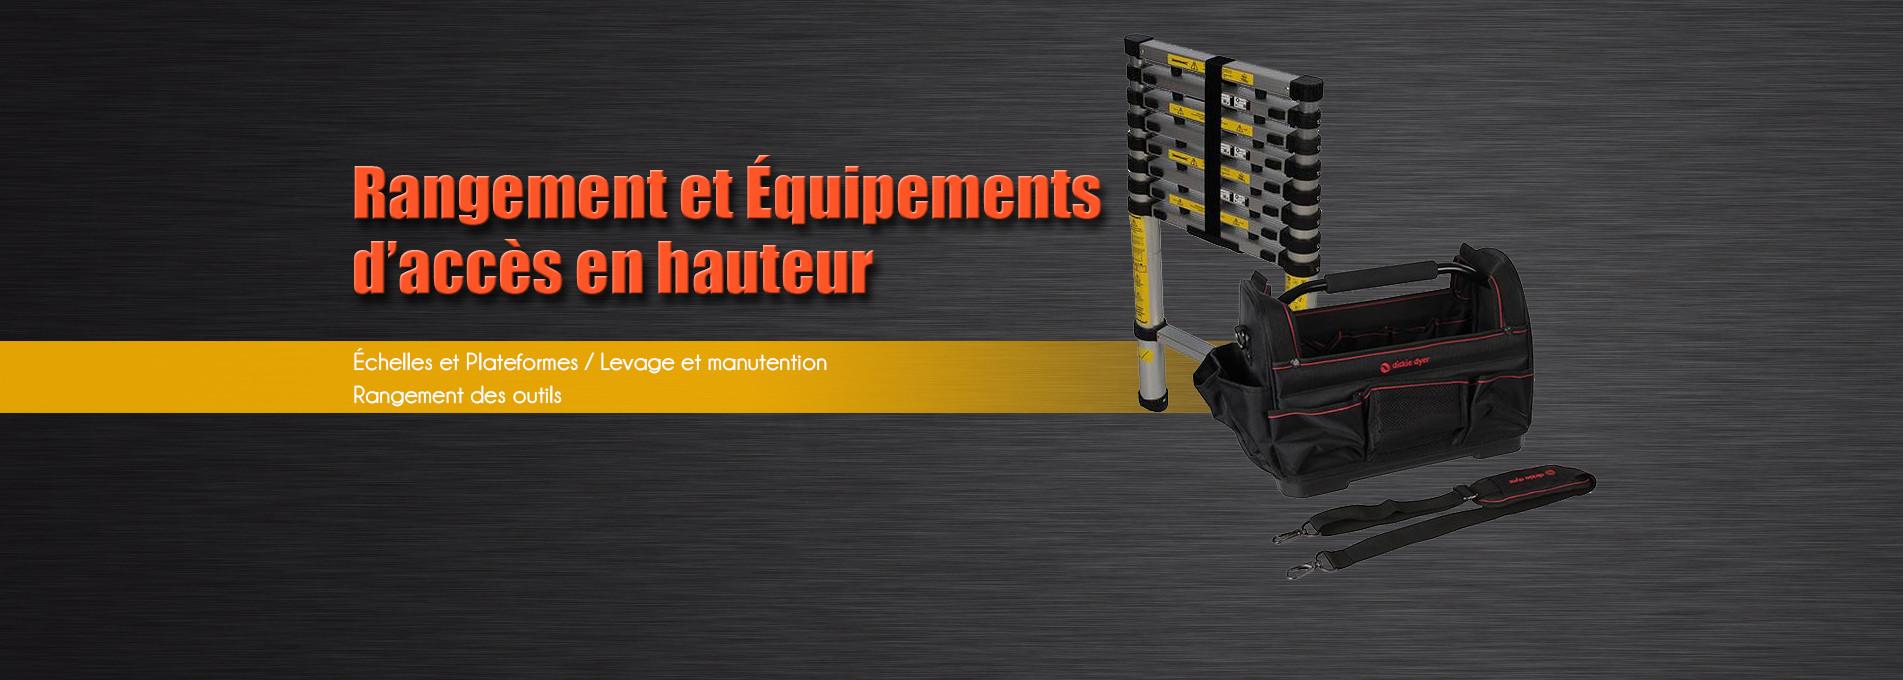 Rangement et équipements d'accès en hauteur